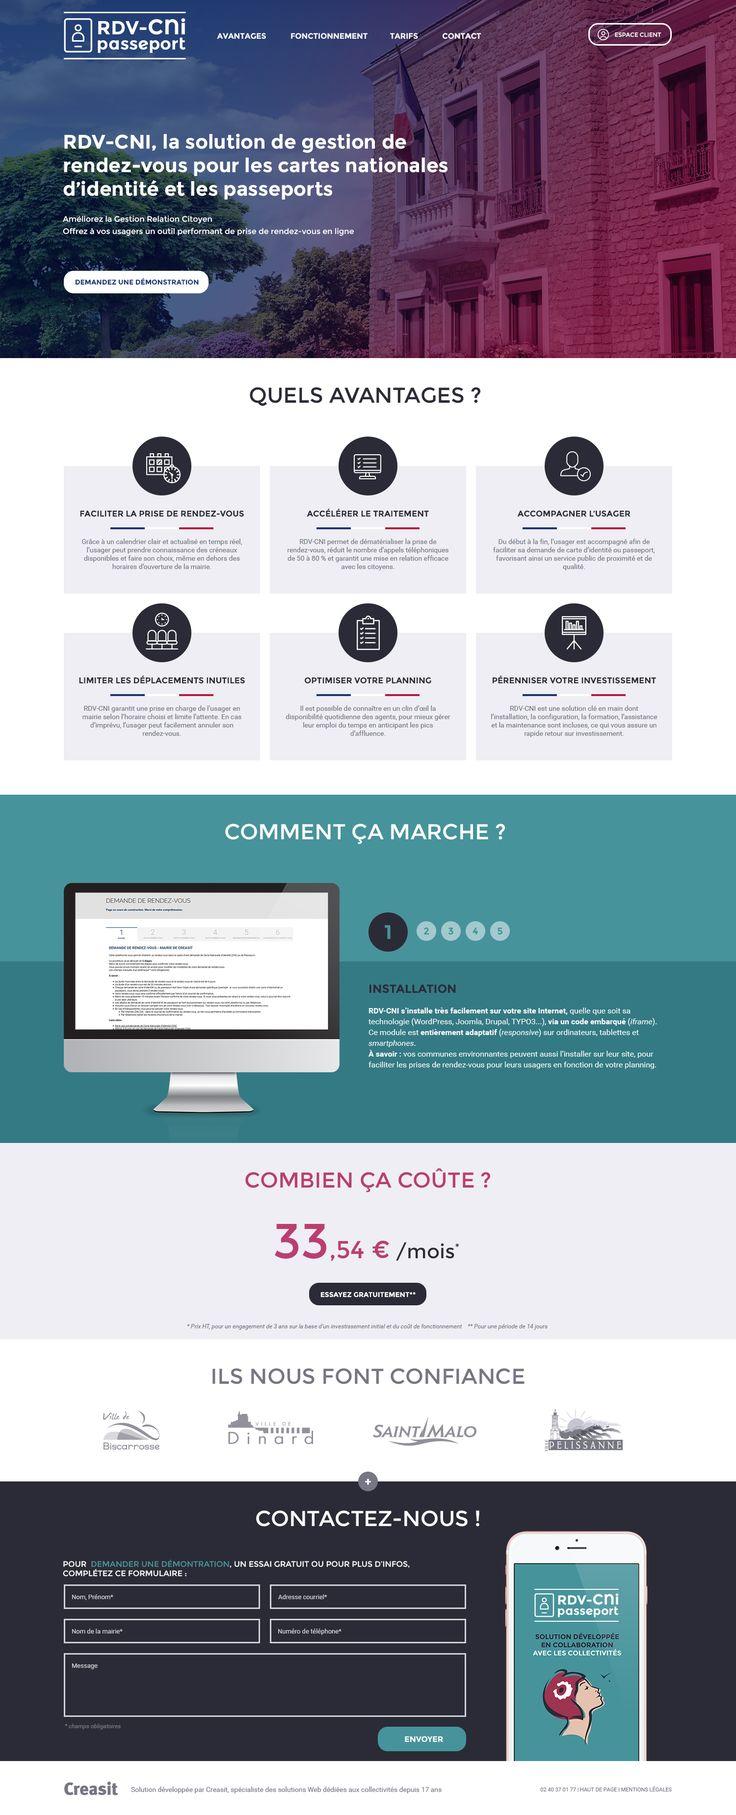 Création du site Internet de RDV-CNI, outil de prise de rendez-vous (carte nationale d'identité et passeport) en mairie: #Web #Webdesign #Responsive : www.rdv-cni.fr by @creasit